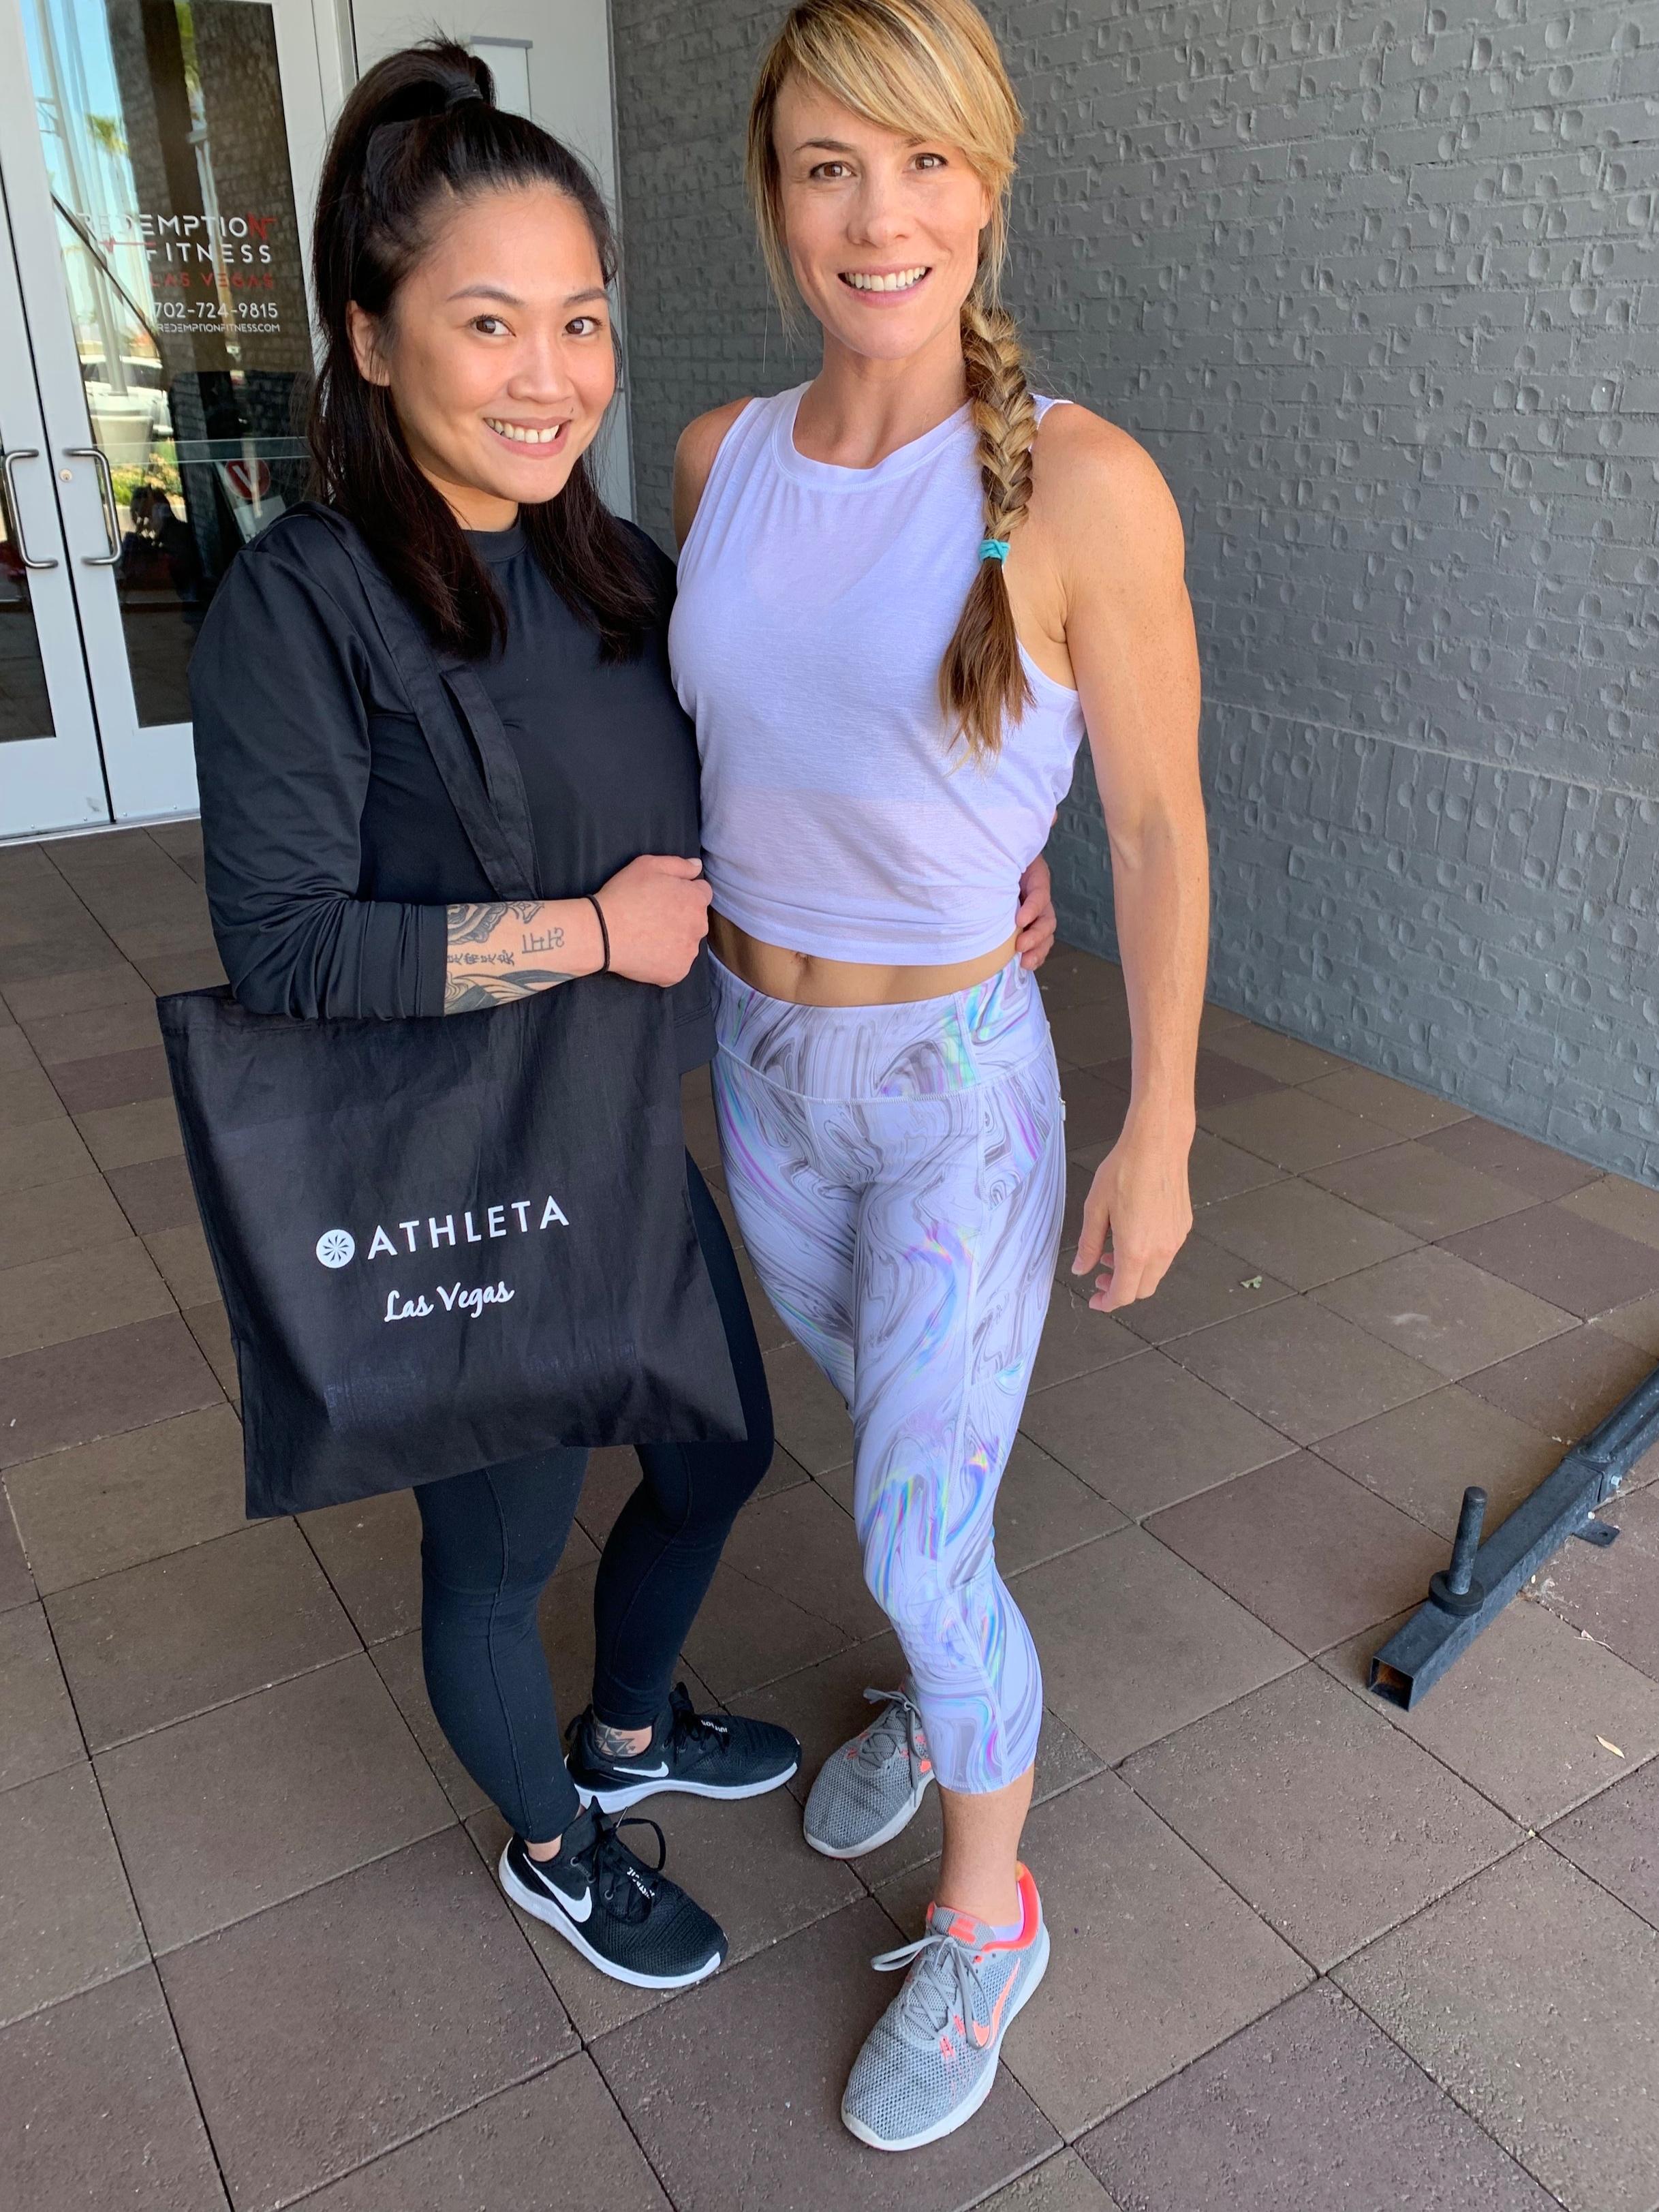 Sophia McDermott Athleta+self+defense+June+8+2019-2.jpg